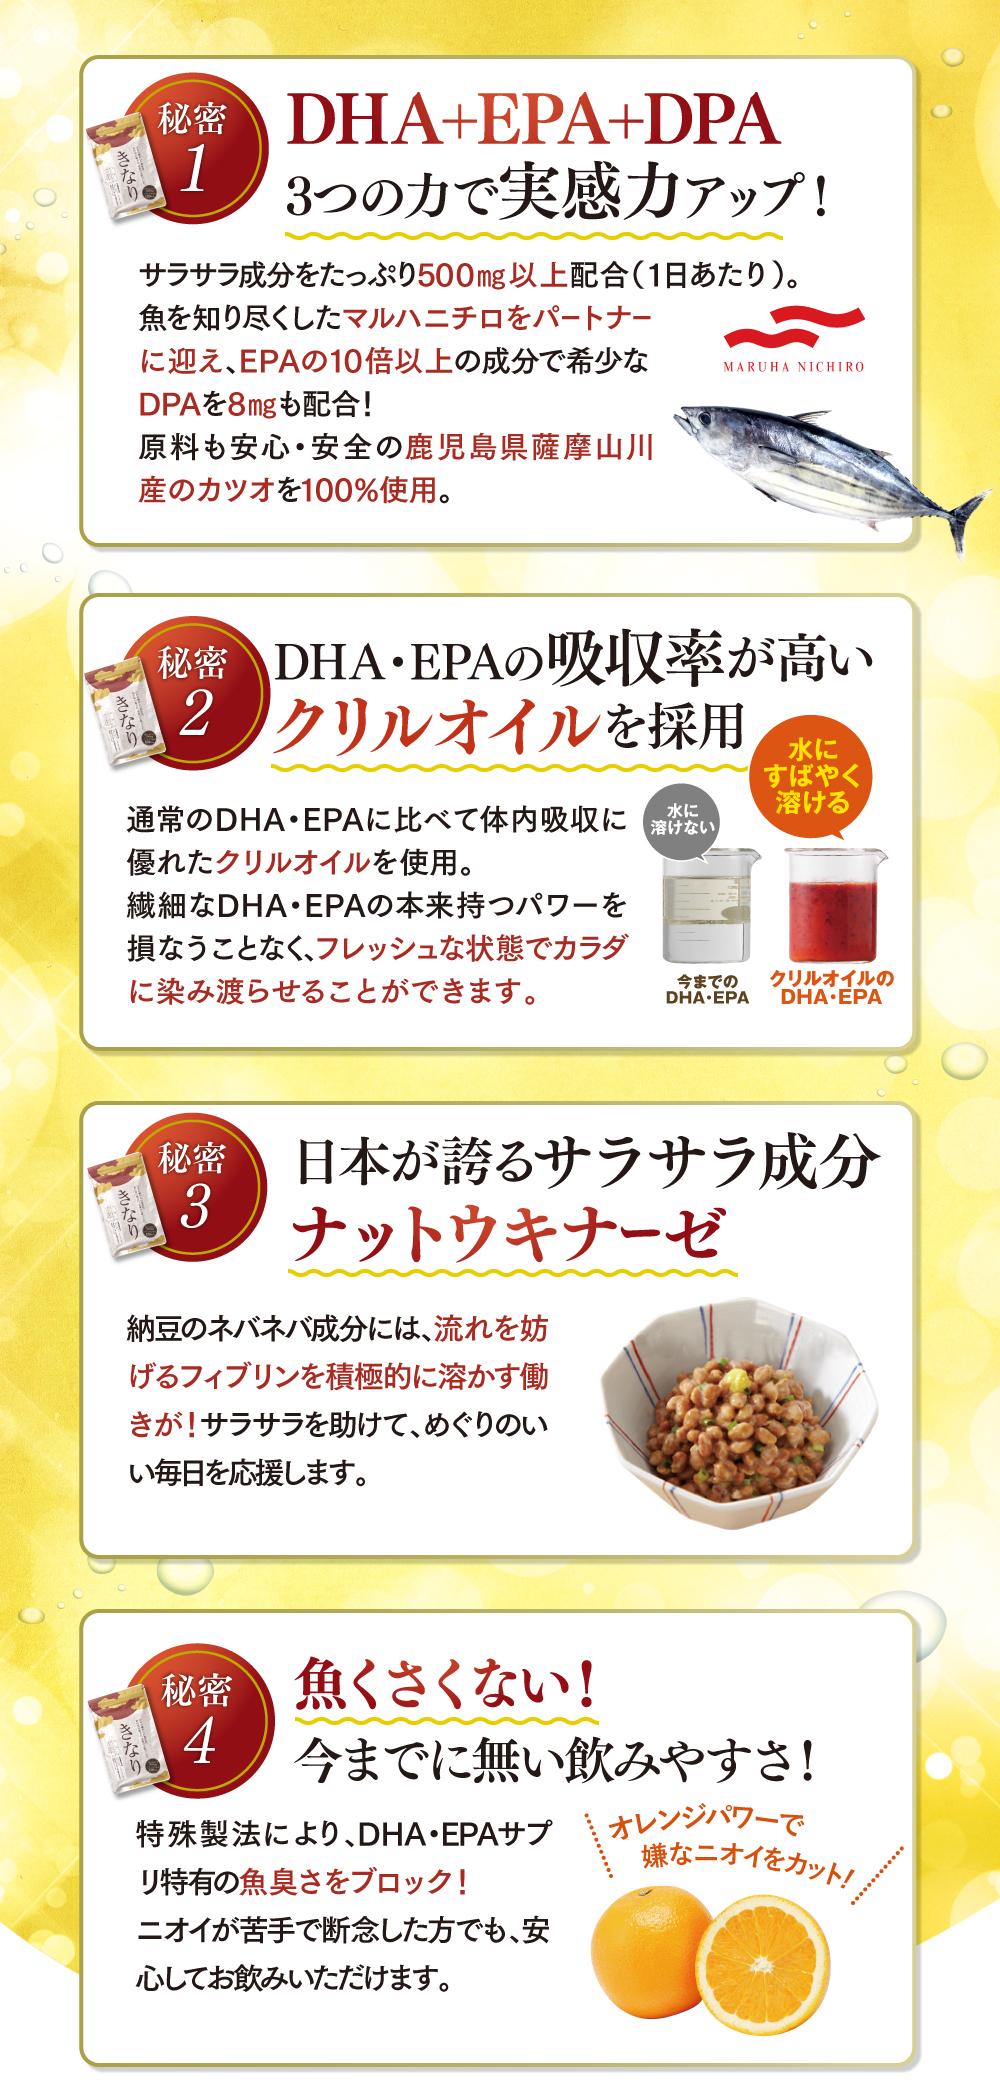 DHA・EPA・DPAの3つの力で実感力アップ!DHA・EPAの吸収率が高いクリルオイル、サラサラ成分のナットウキナーゼ配合!魚臭くなくて飲みやすい!